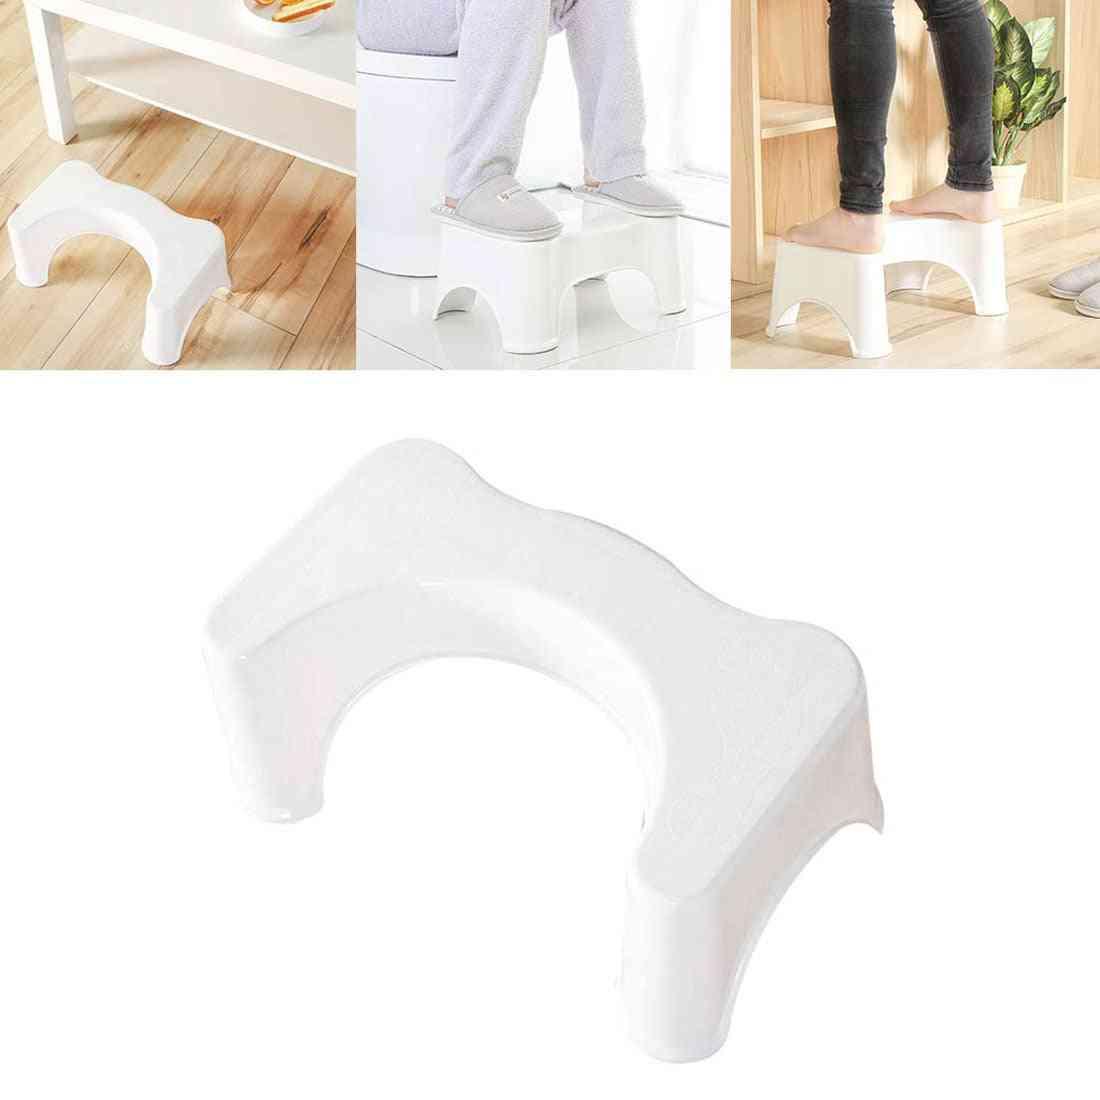 Badrumsuppsättning U-formad toalettpall badrumshalkfri avföringshjälpare